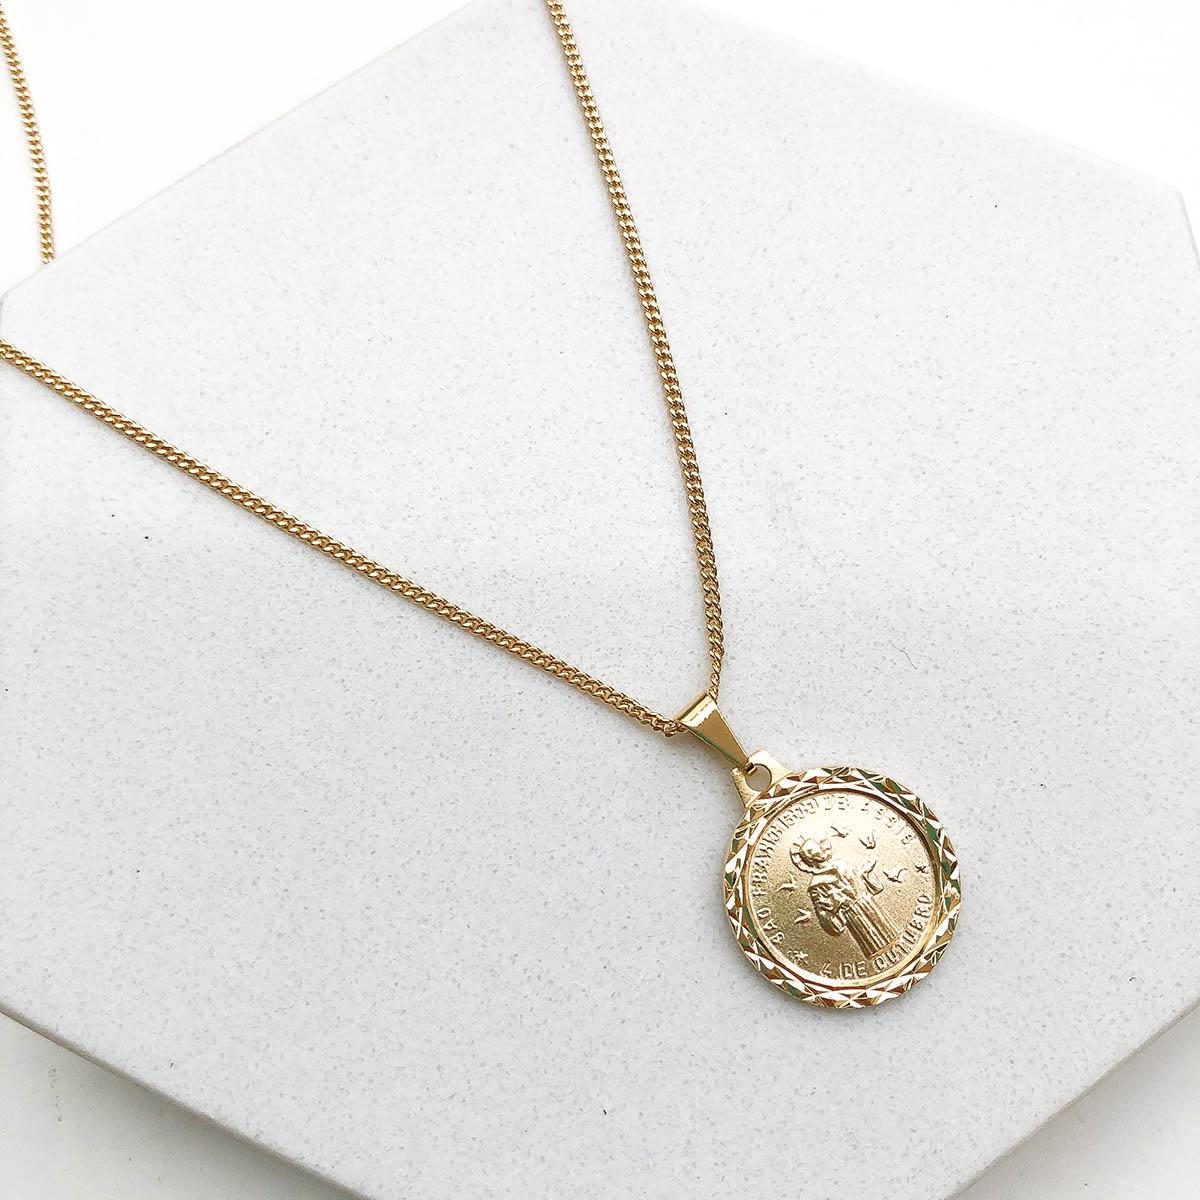 Colar Banhado a Ouro 18k São Francisco de Assis Medalha Fosca